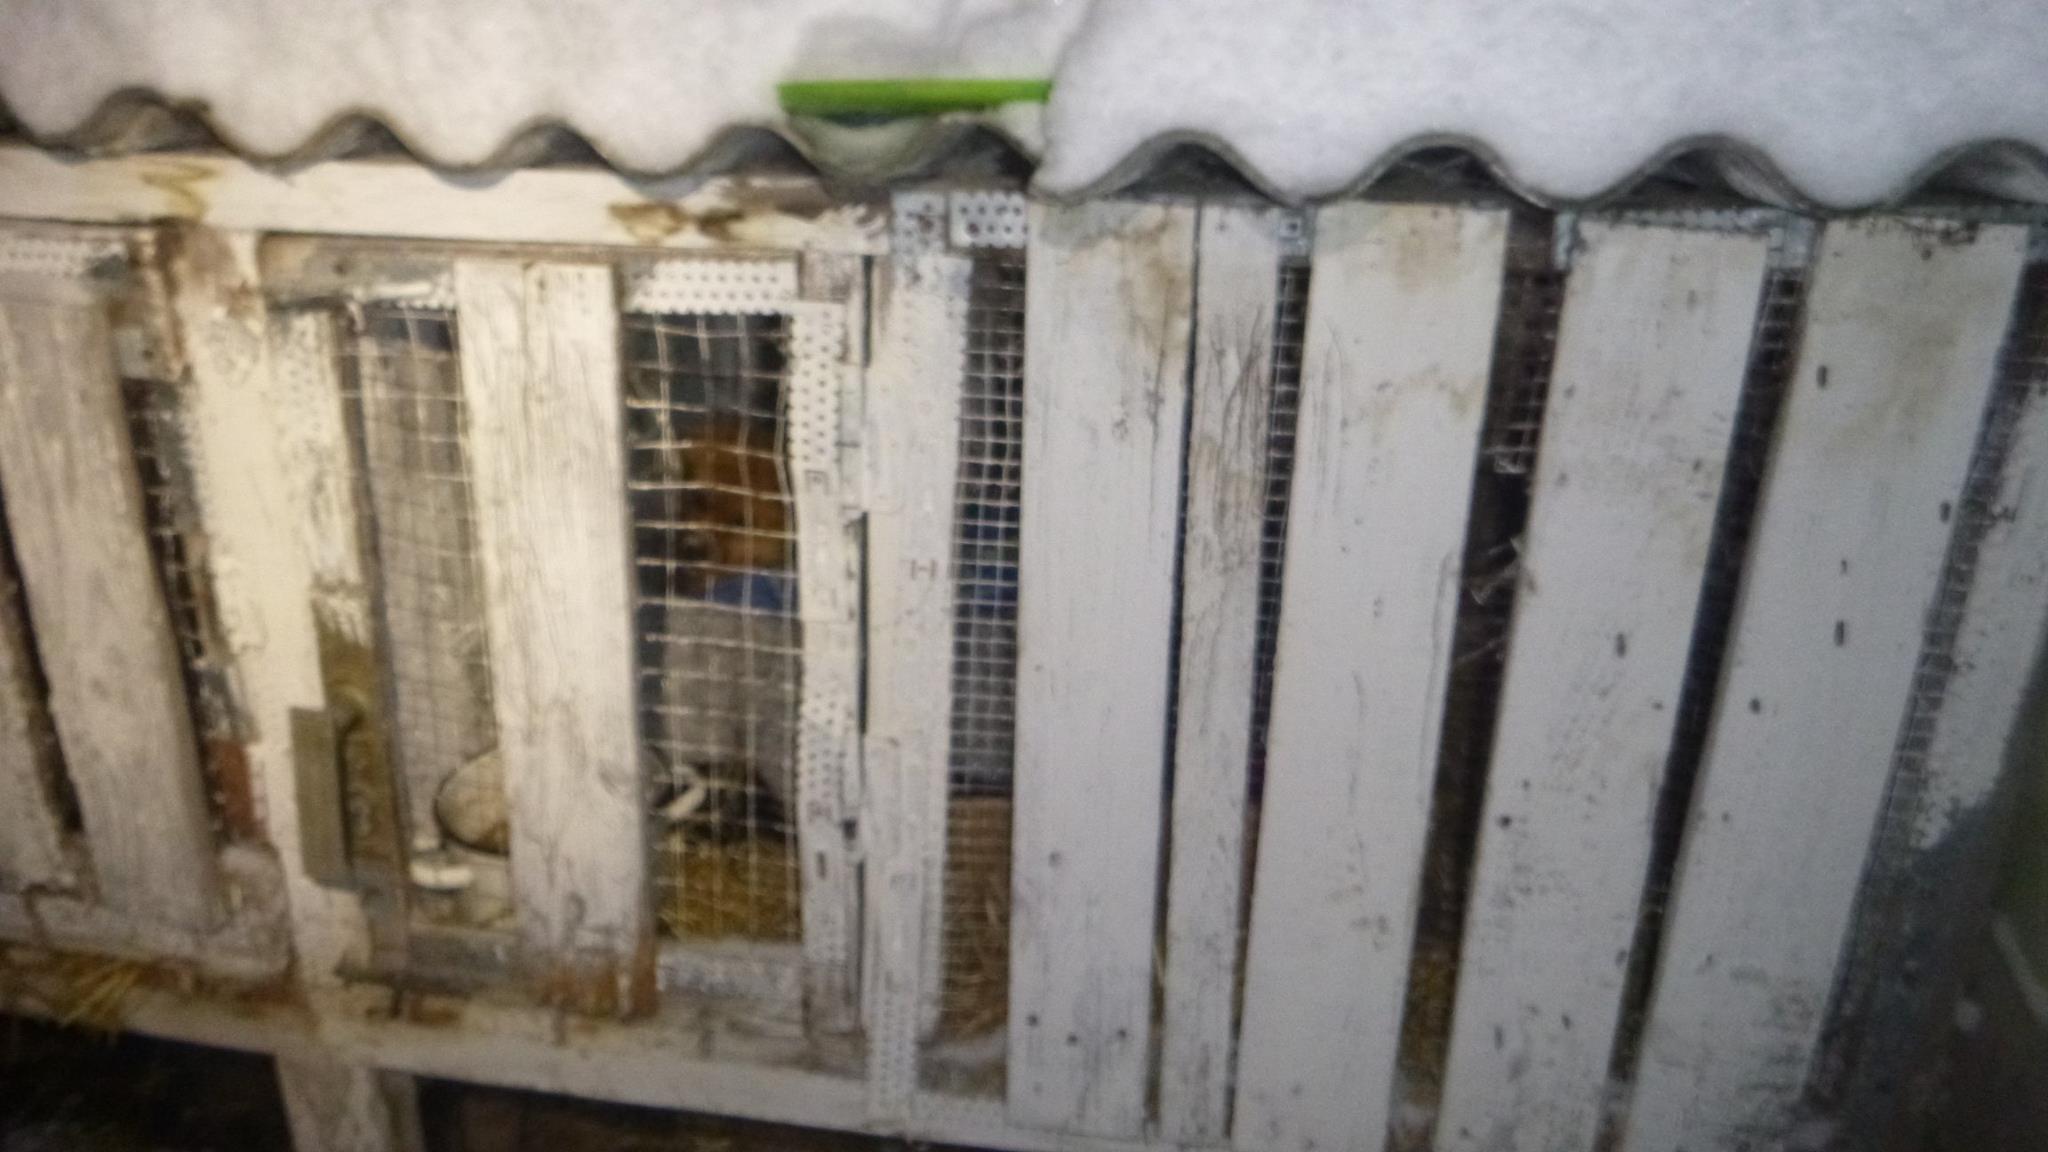 Il Freddo Quando Arriva una cagnolina e i suoi cuccioli sono stati buttati al freddo